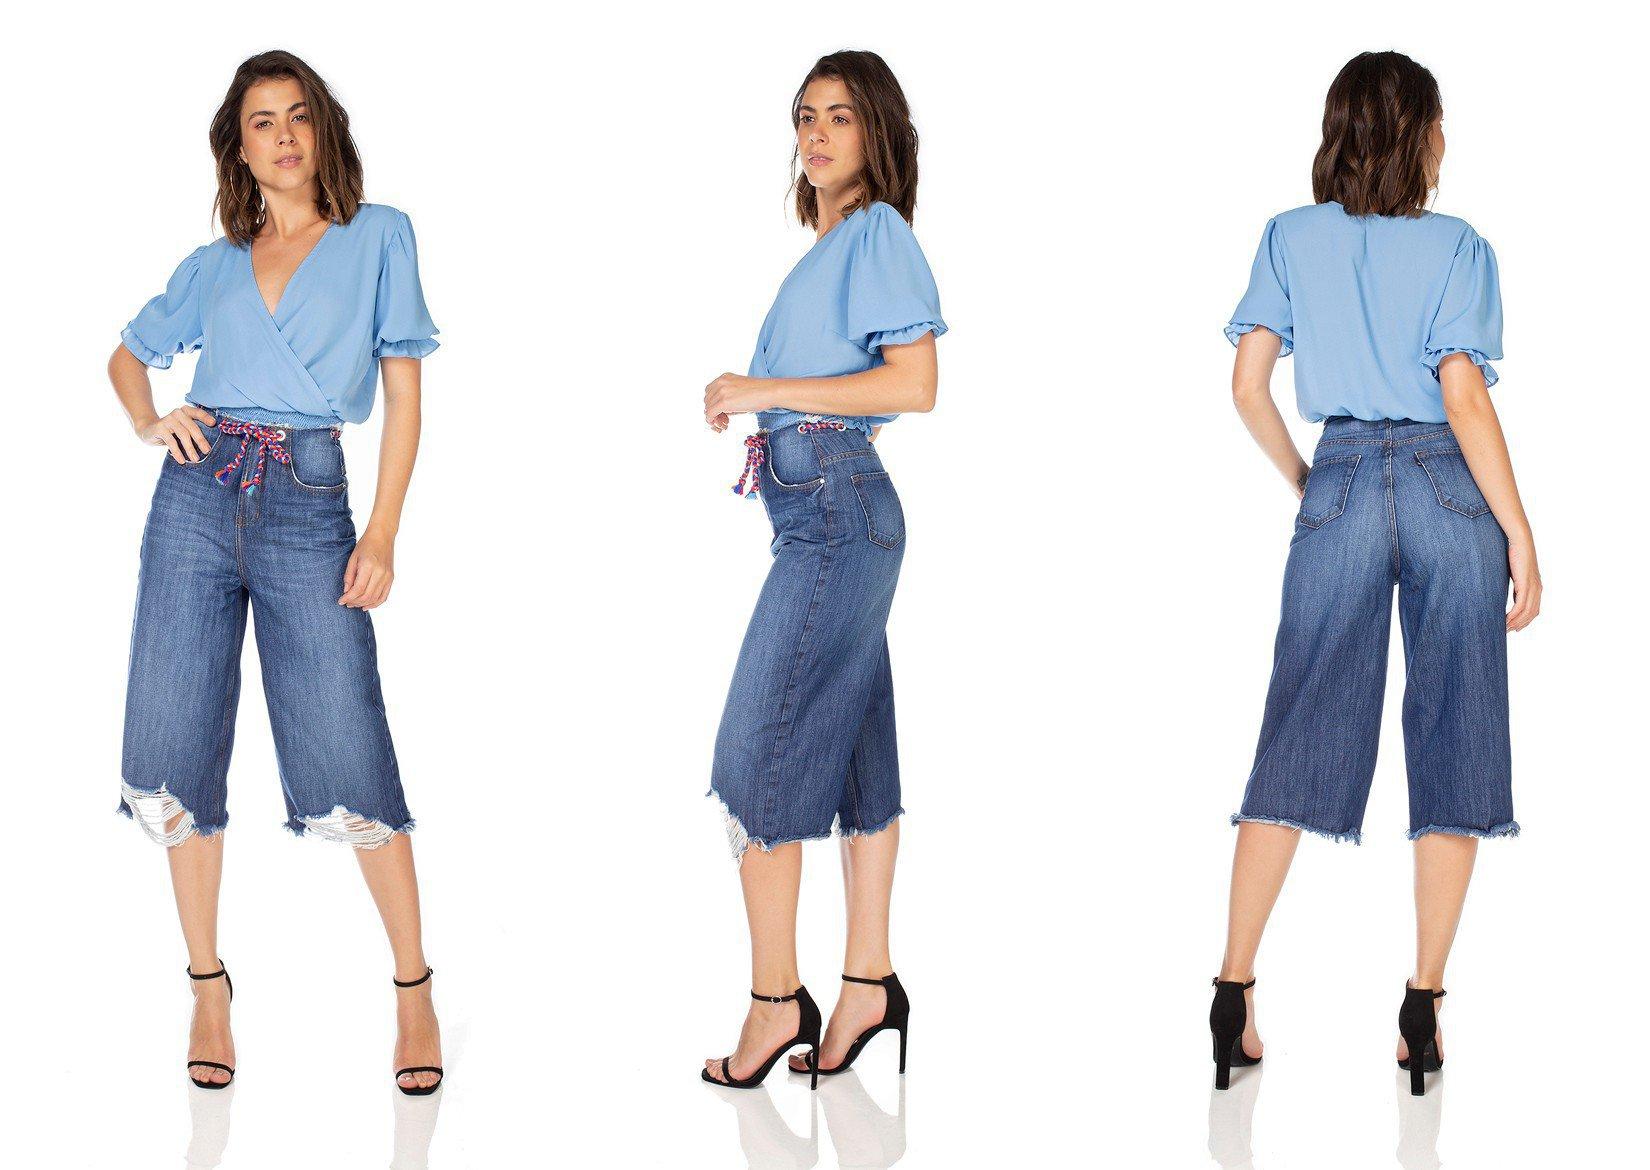 dz3233 calca jeans feminina pantacourt com cordao colorido denim zero tripla